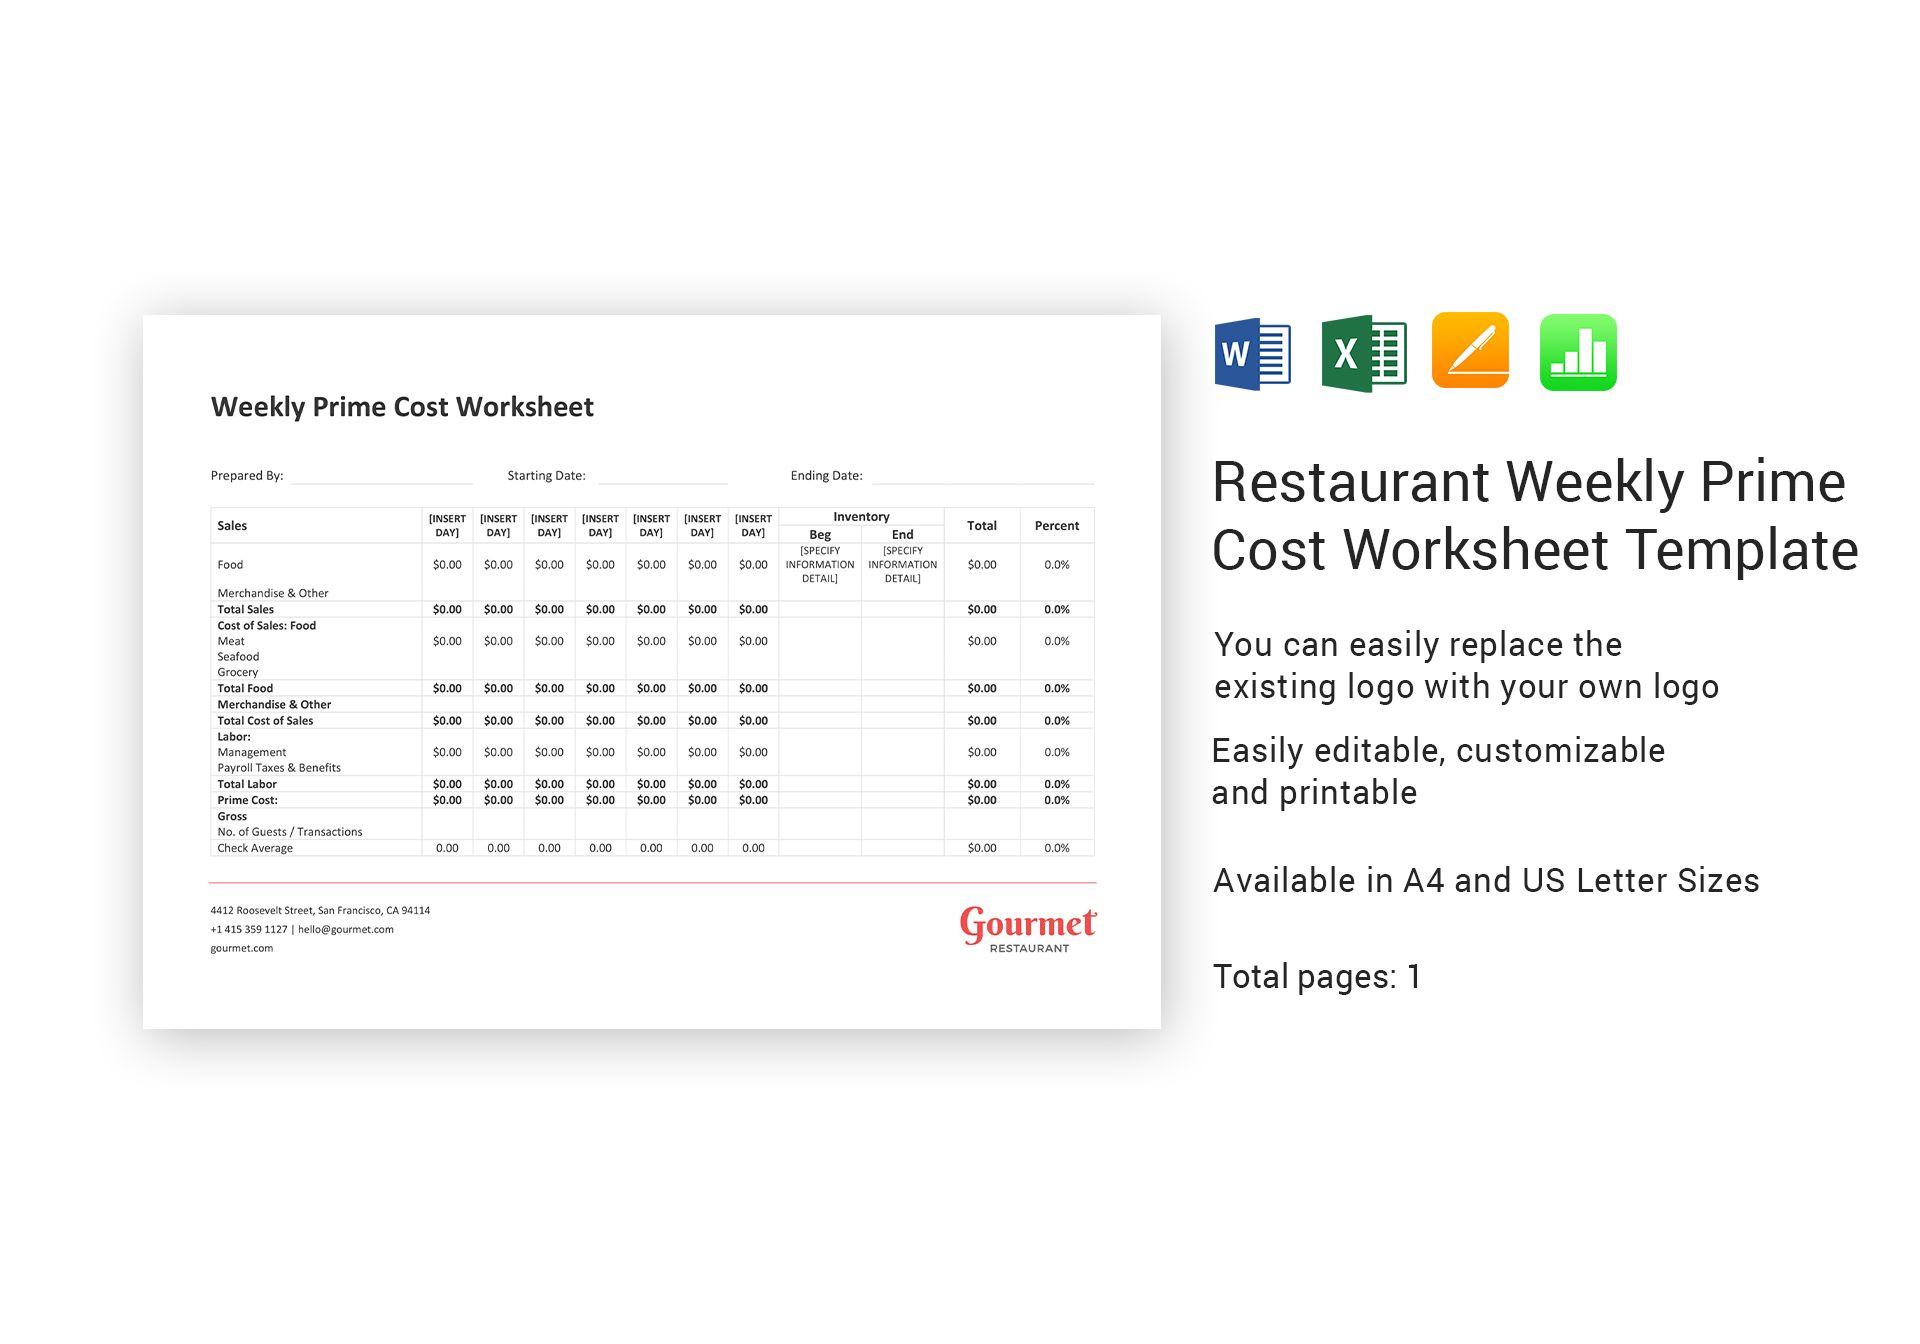 Restaurant Weekly Prime Cost Worksheet Template In Word